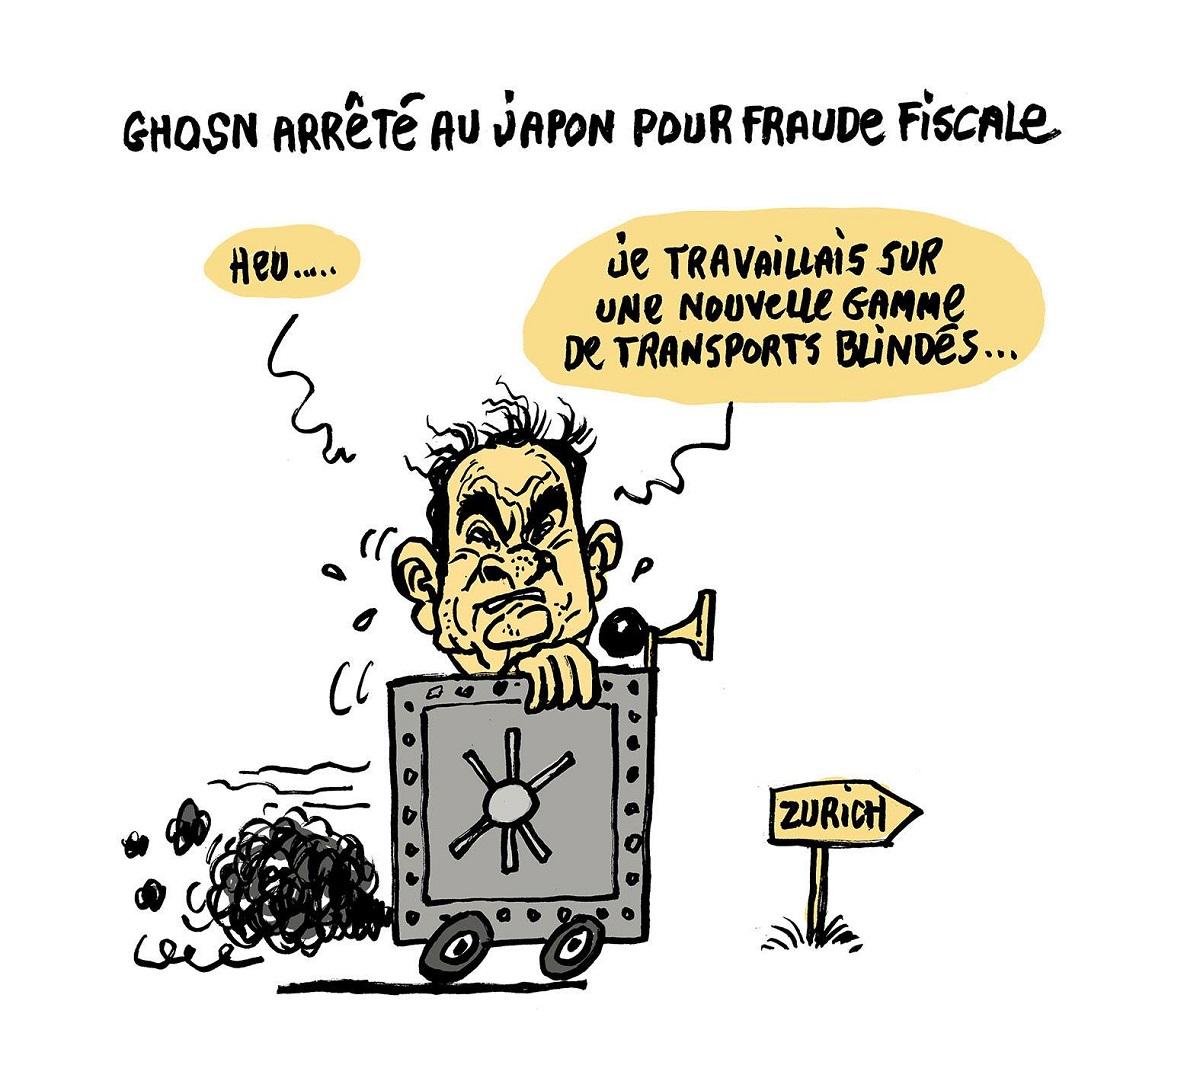 dessin d'actualité humoristique sur l'arrestation de Carlos Ghosn pour fraude fiscale au Japon